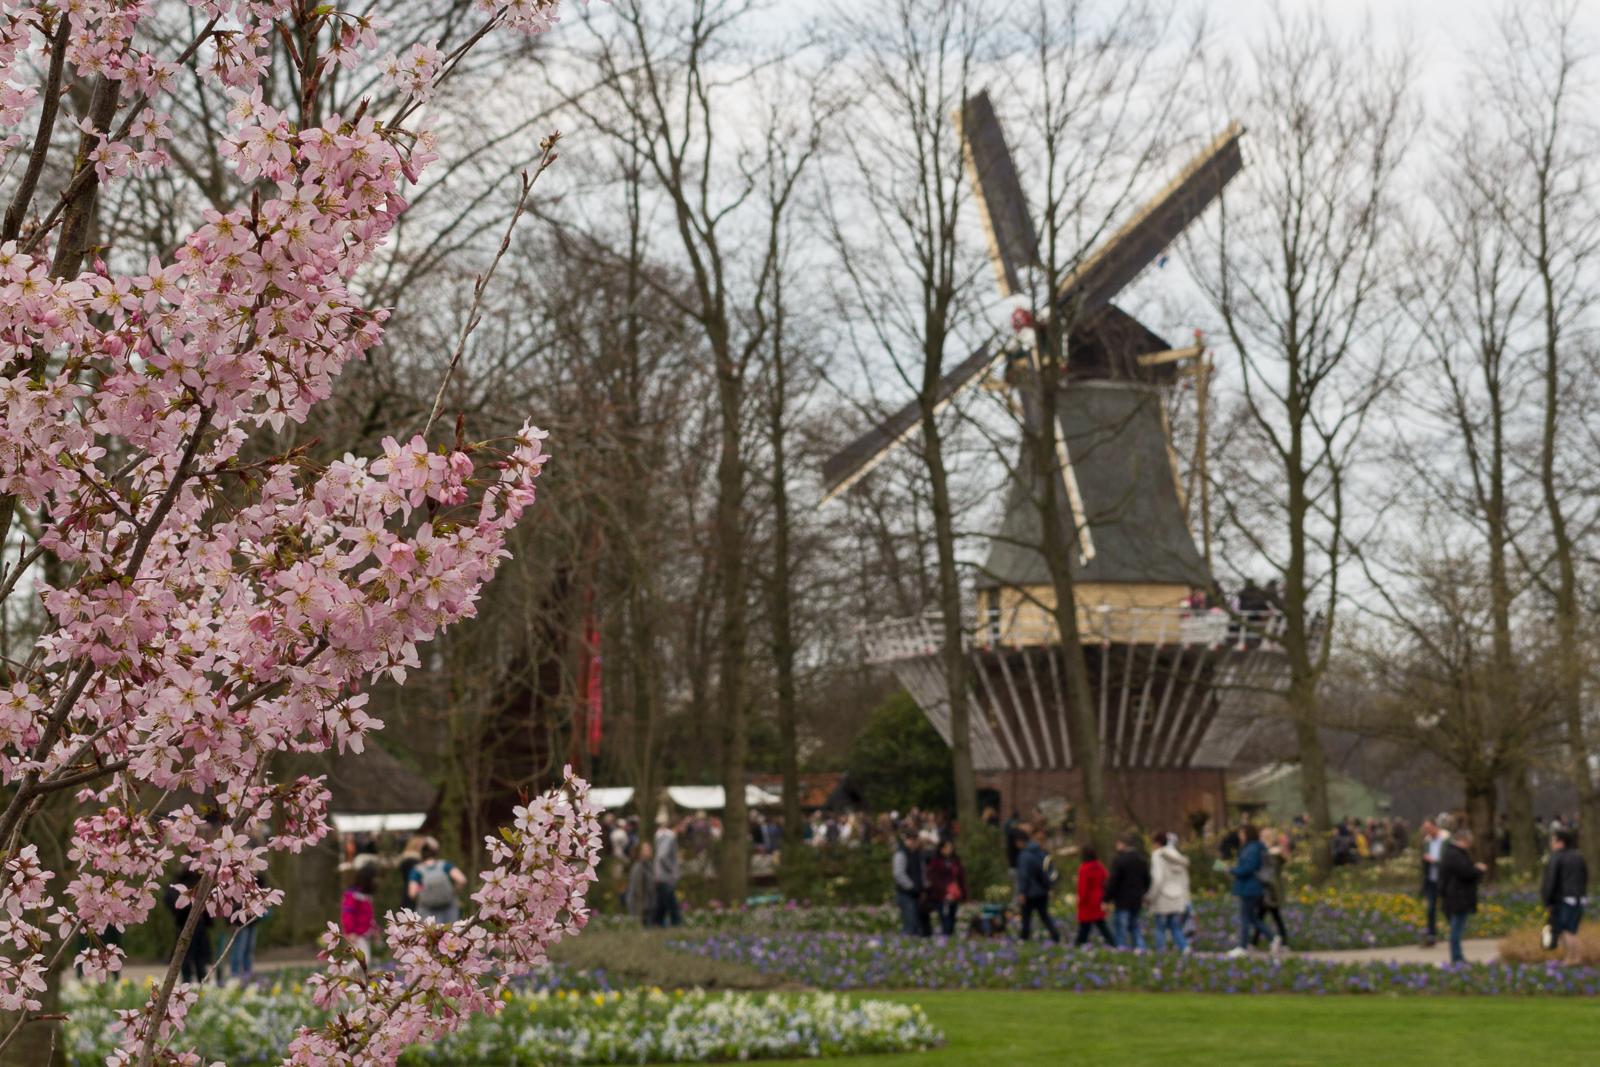 niederlande_noordwijk_keukenhof_reiseblog-2794